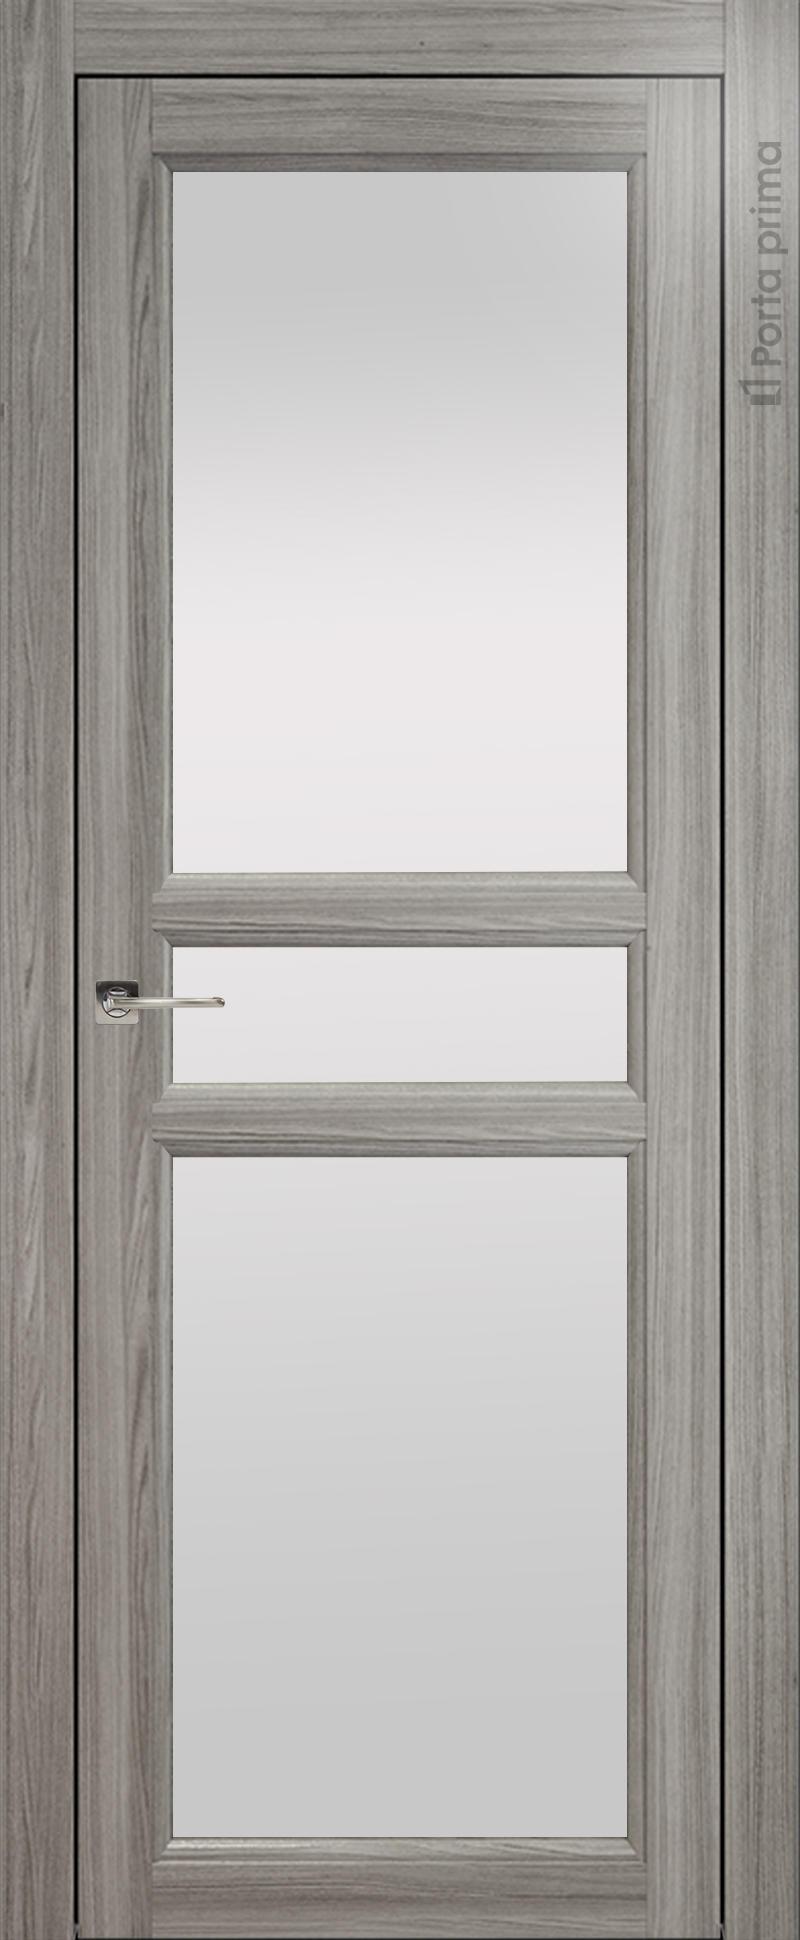 Sorrento-R Е2 цвет - Орех пепельный Со стеклом (ДО)